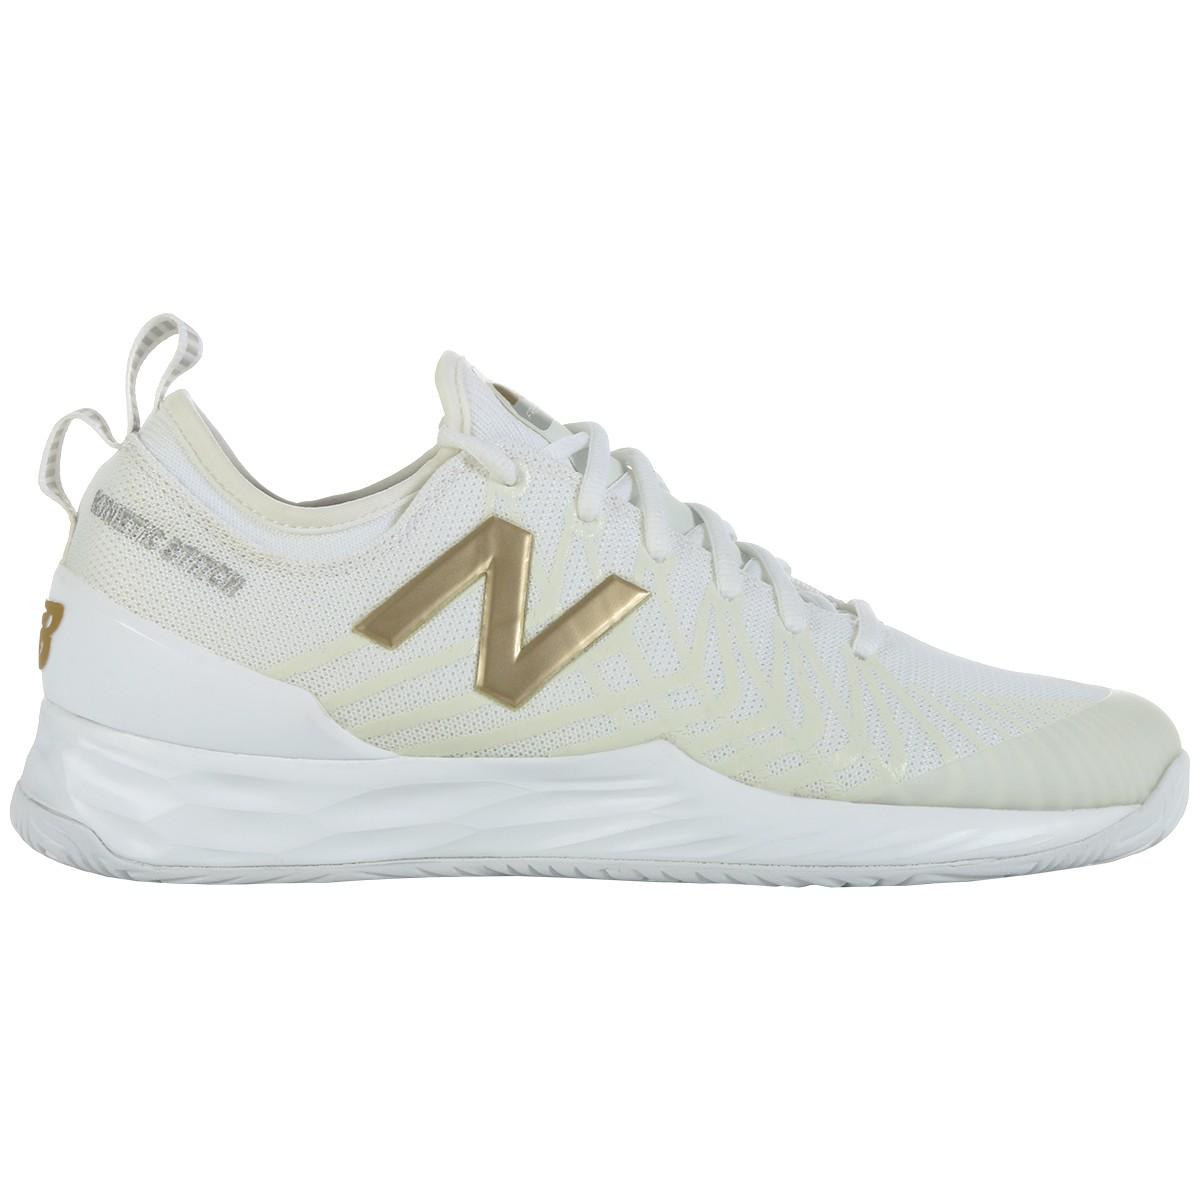 remplacement de lacet de chaussure New Balance